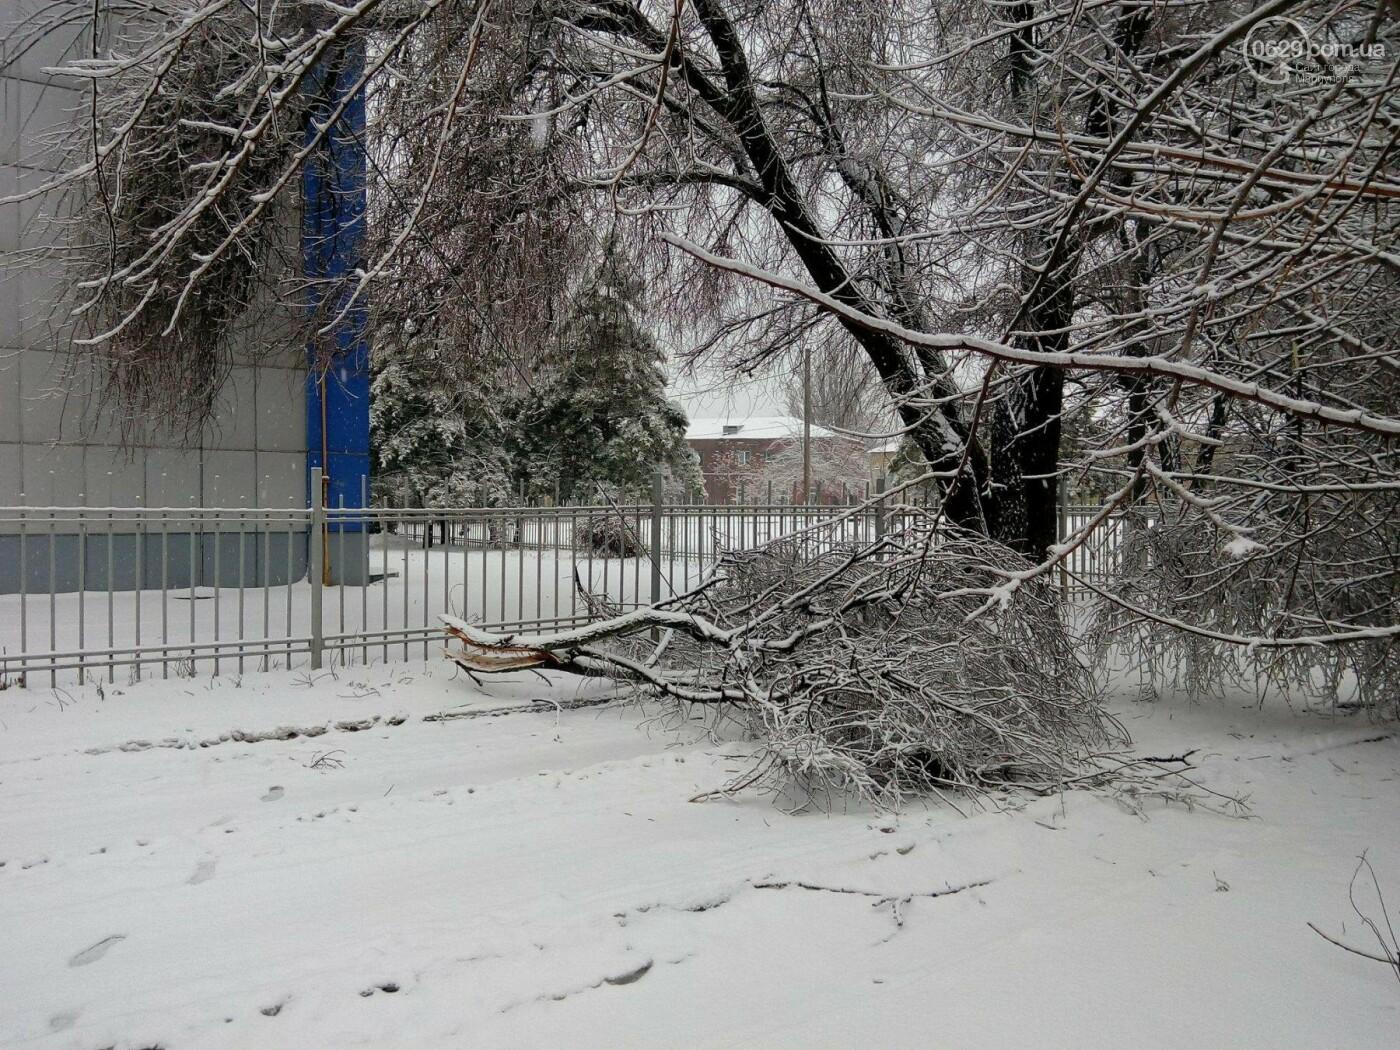 Ледяной плен свалил на дорогу десятки деревьев и обесточил тысячи домов (ФОТО+ВИДЕО), фото-7